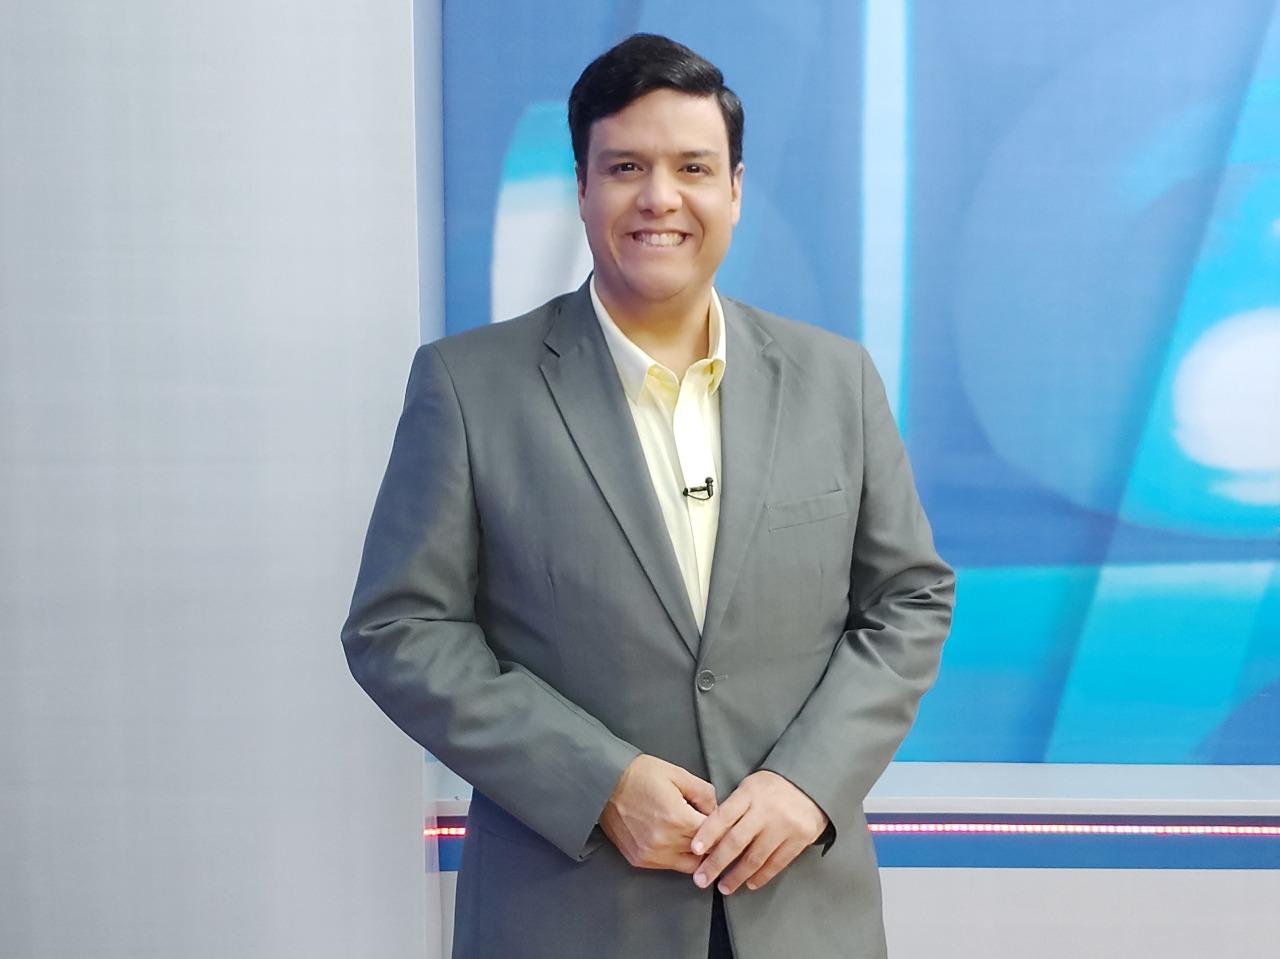 WhatsApp Image 2021 04 26 at 20.59.33 - BRASIL URGENTE PARAÍBA: Cacá Barbosa volta à tela da TV Band Manaíra nesta quarta-feira